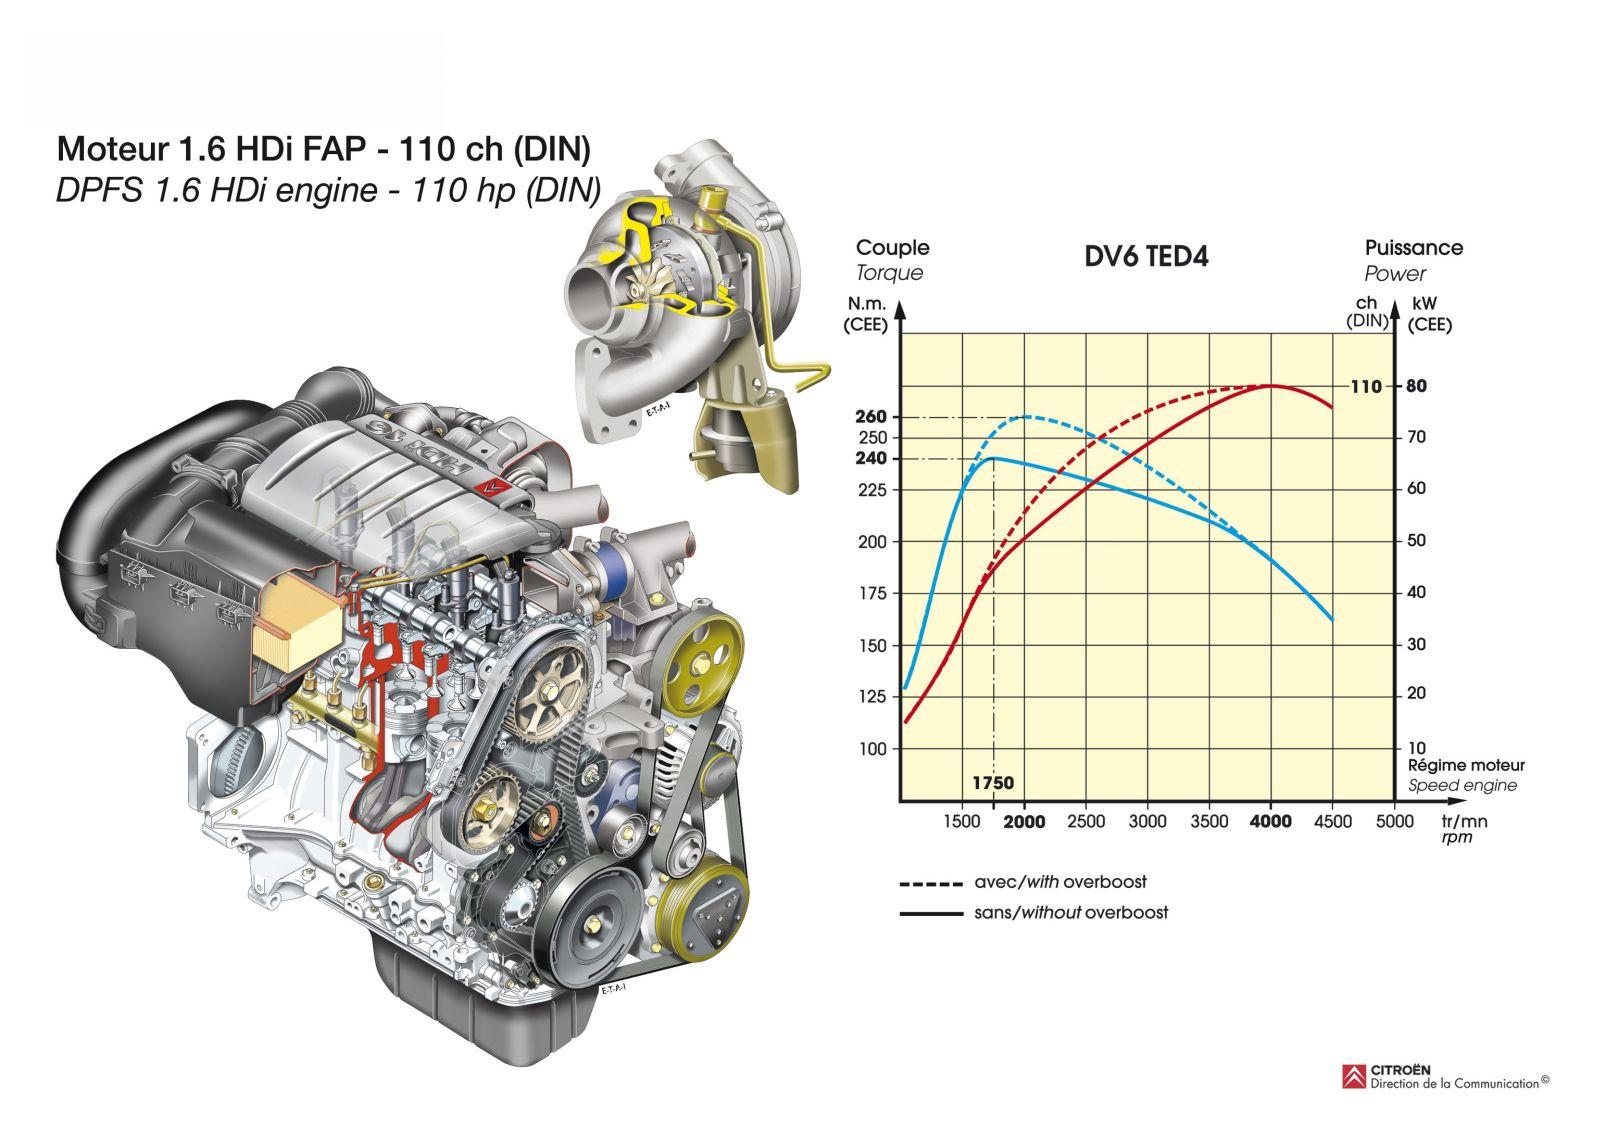 Revista Coche: Motores Citroen y Peugeot